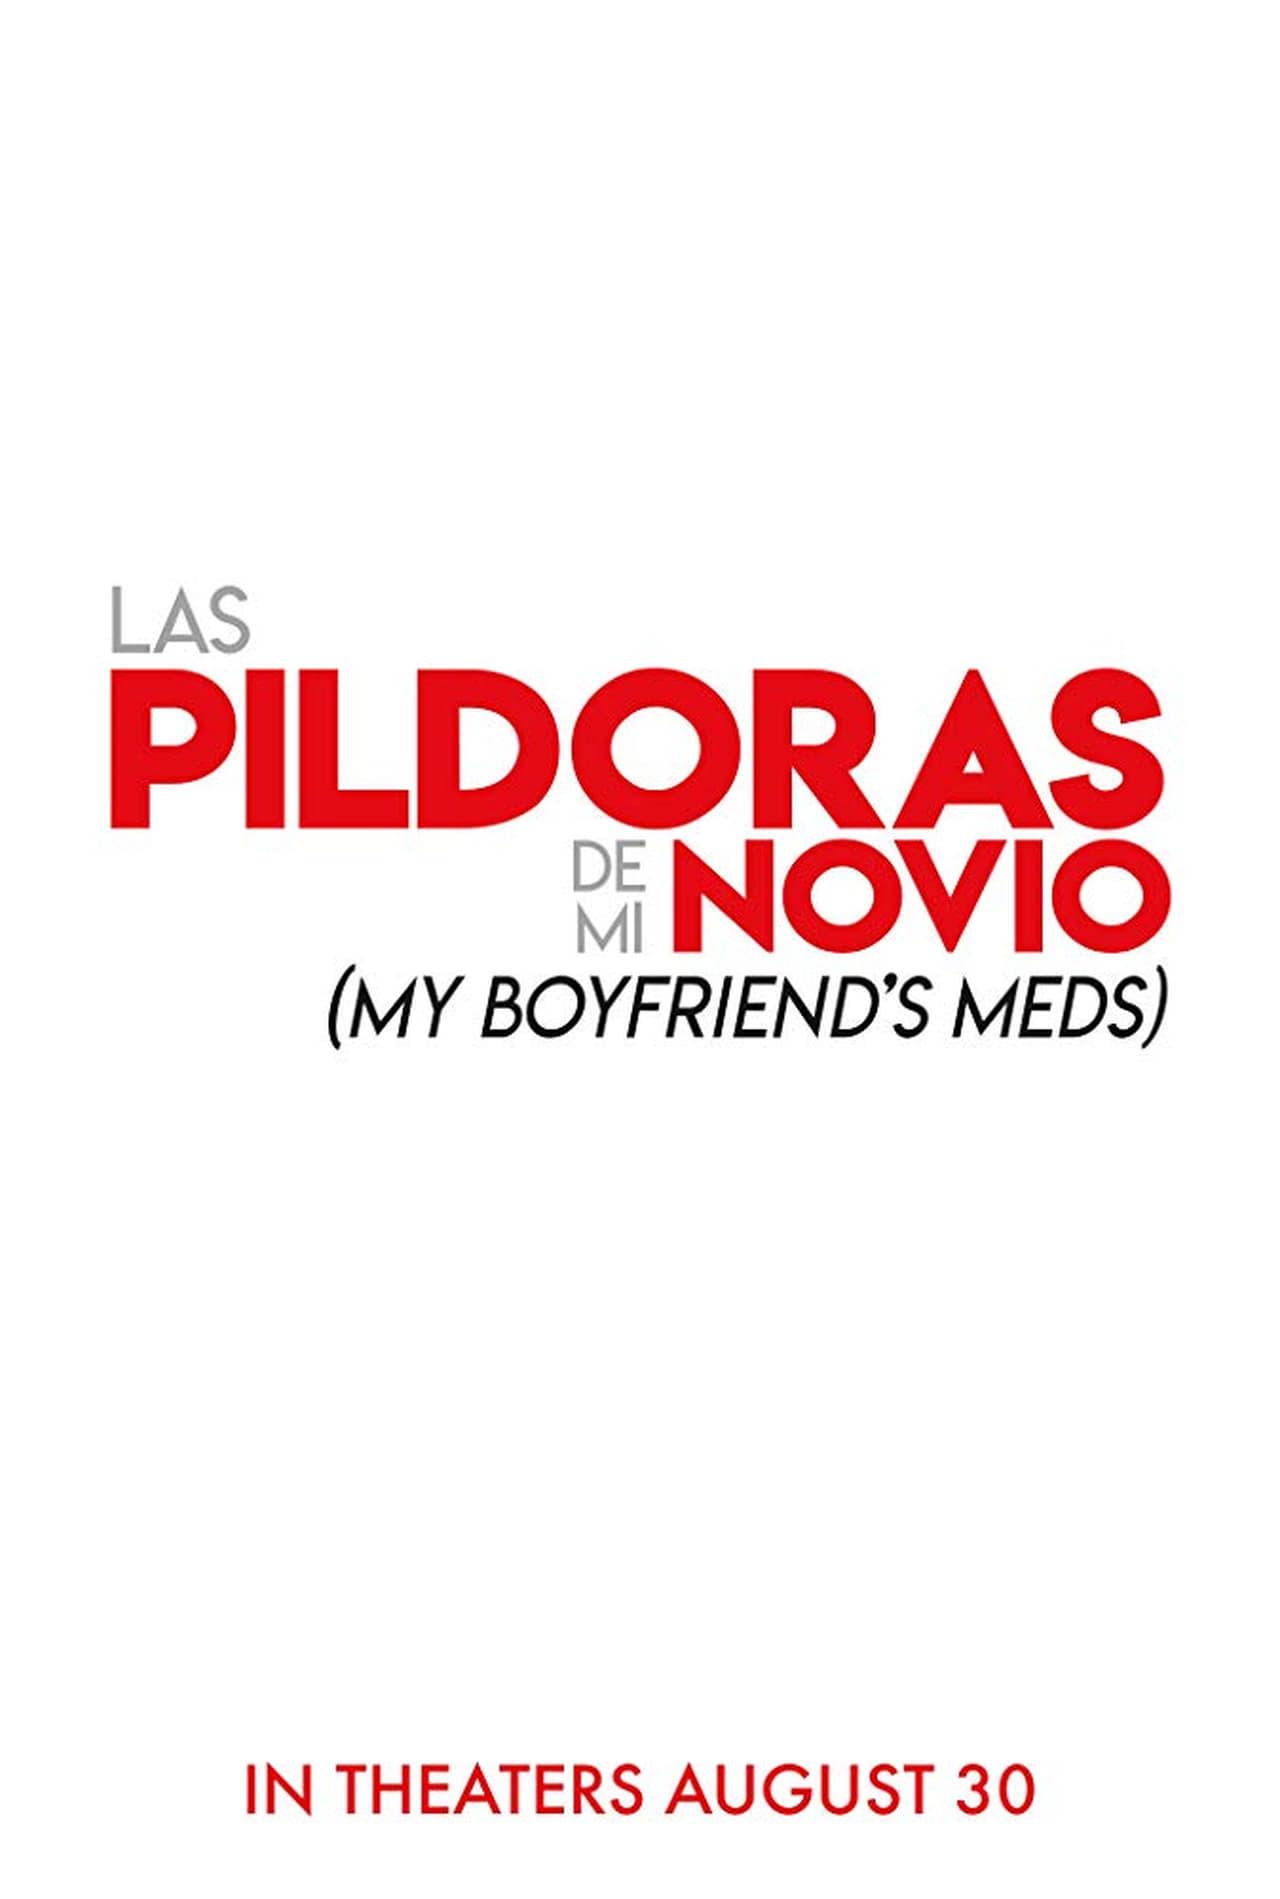 My Boyfriend's Meds poster